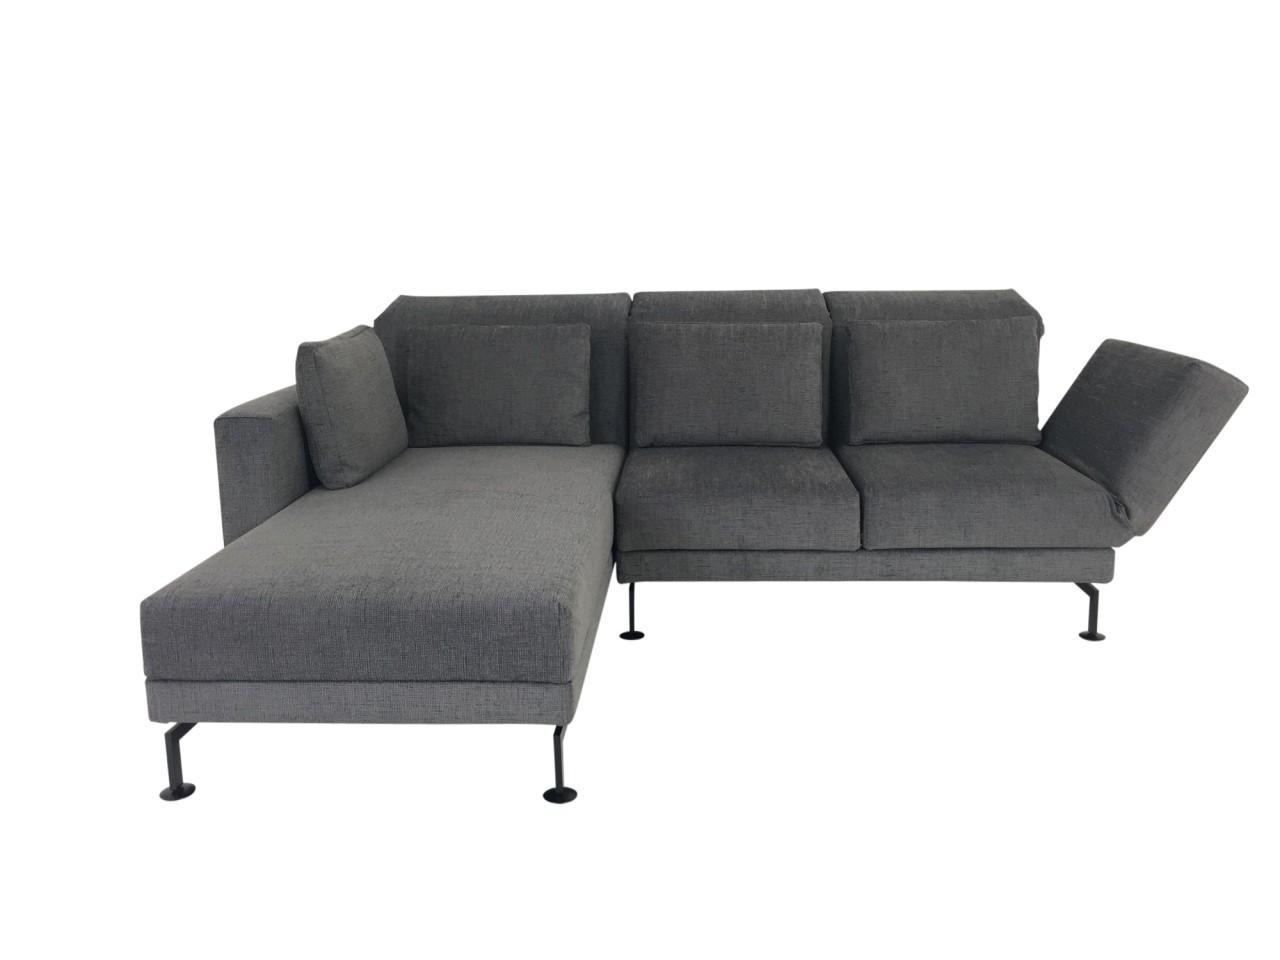 Brühl MOULE small Sofa mit Recamiere im samtigweichen Stoff grau mit Kissen und Relaxfunktionen